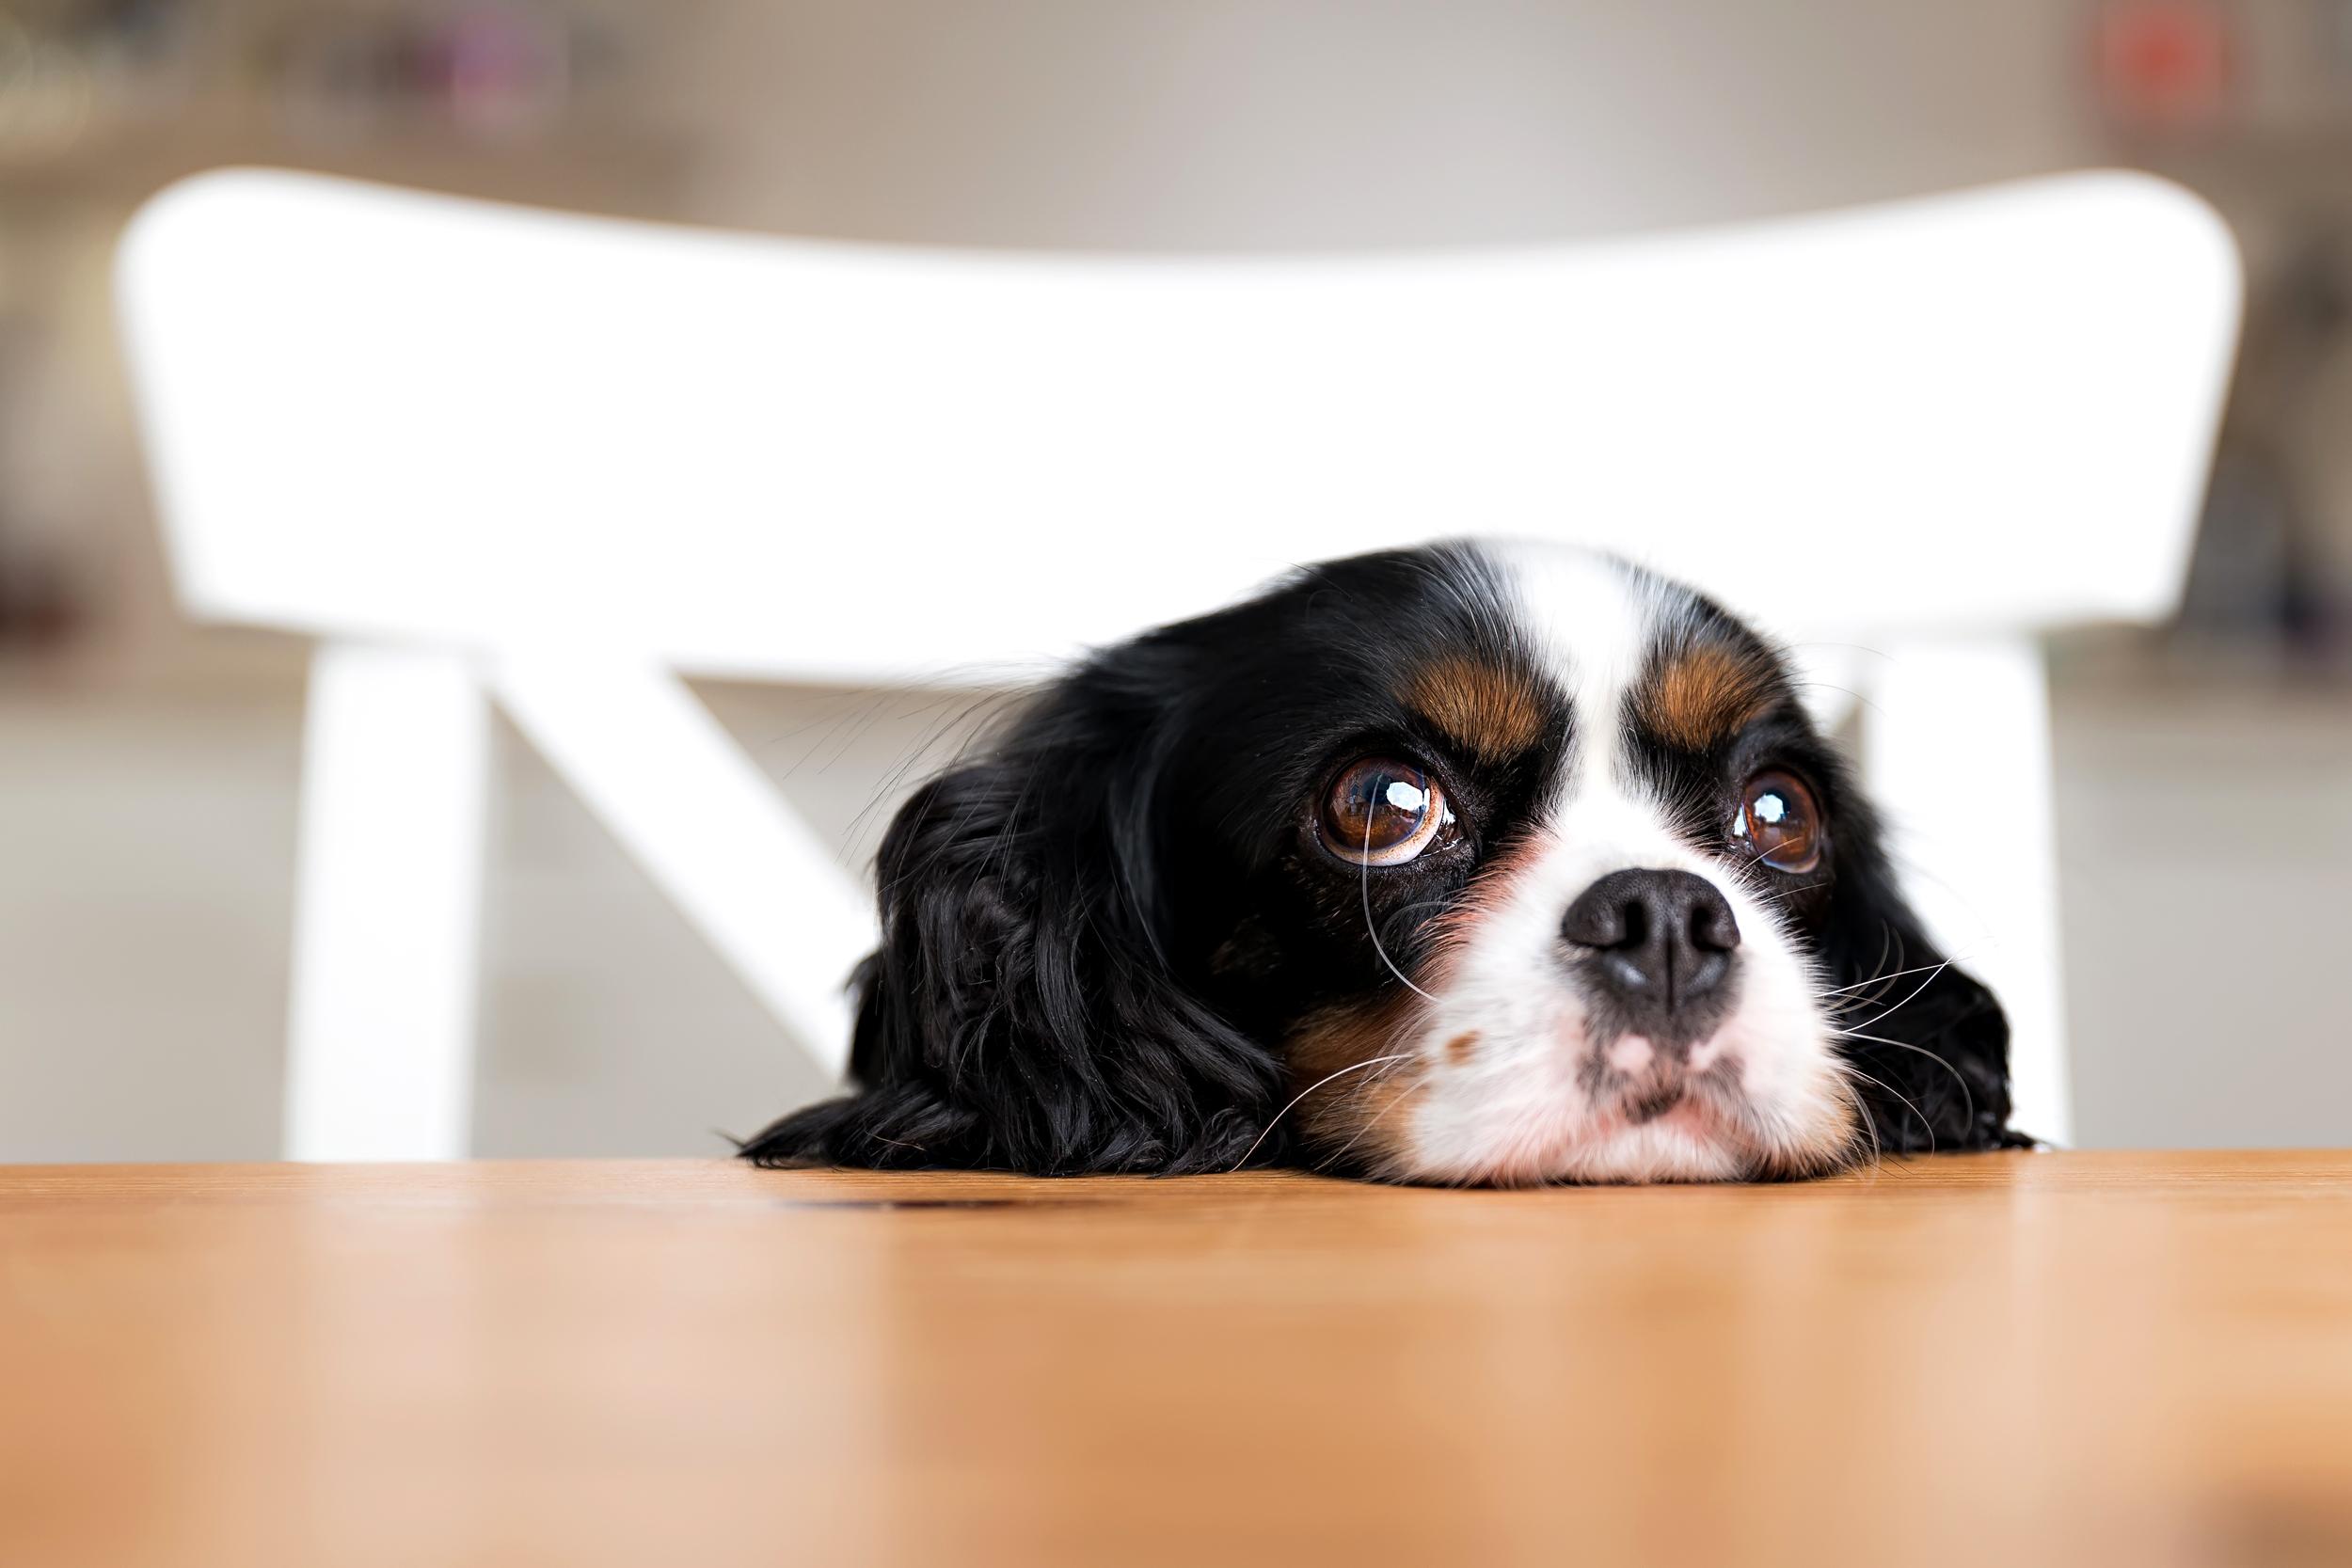 Hình ảnh chú cún buồn đẹp